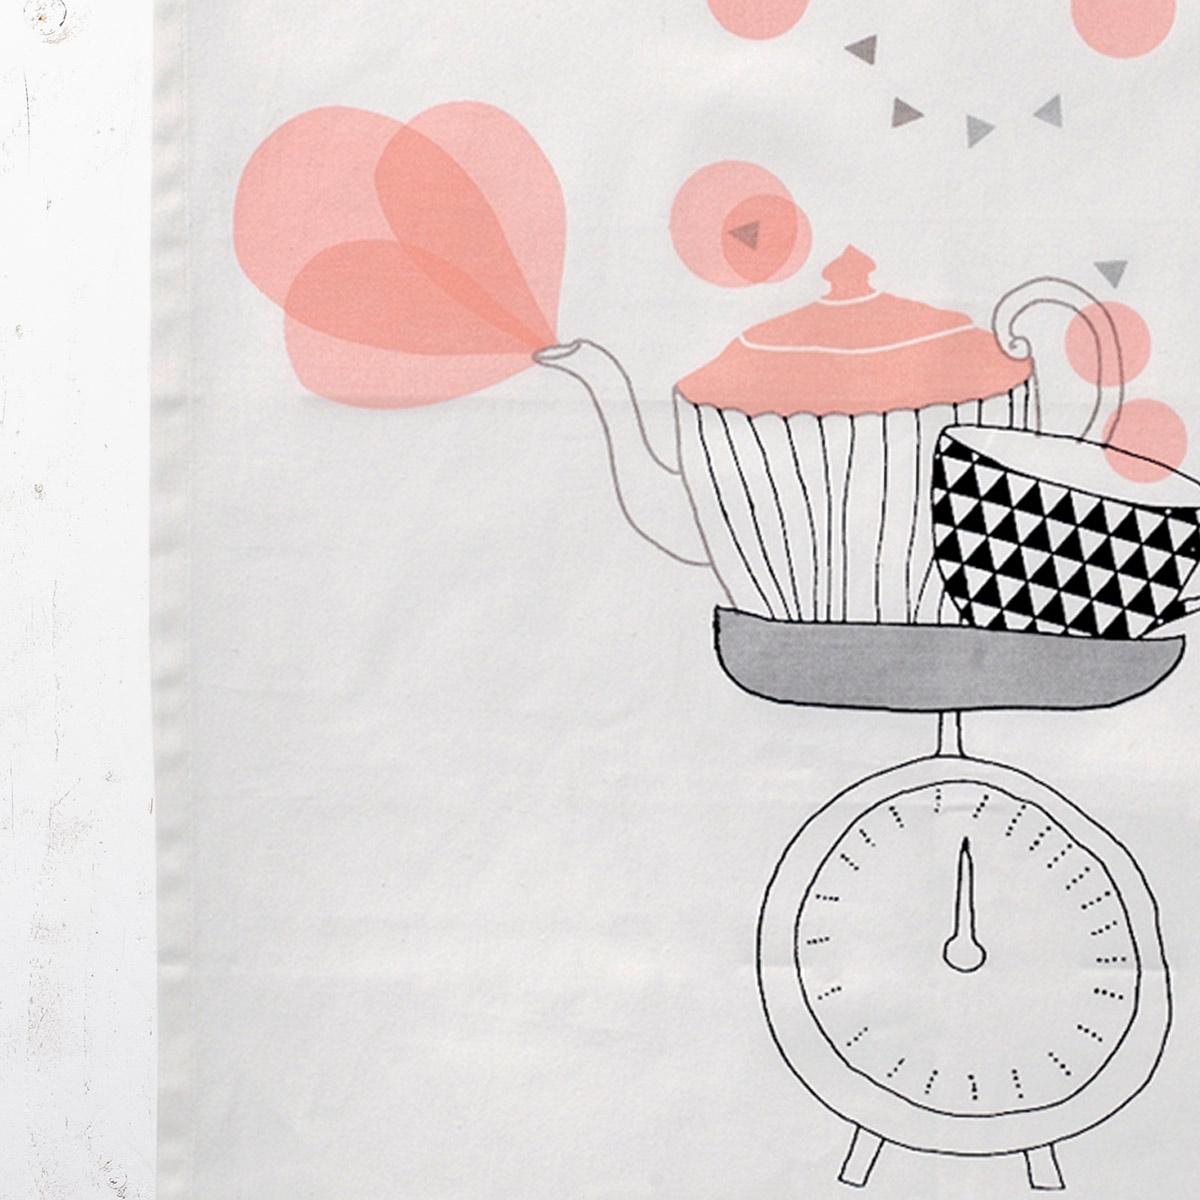 629005_kitchen-towel_cocina_08